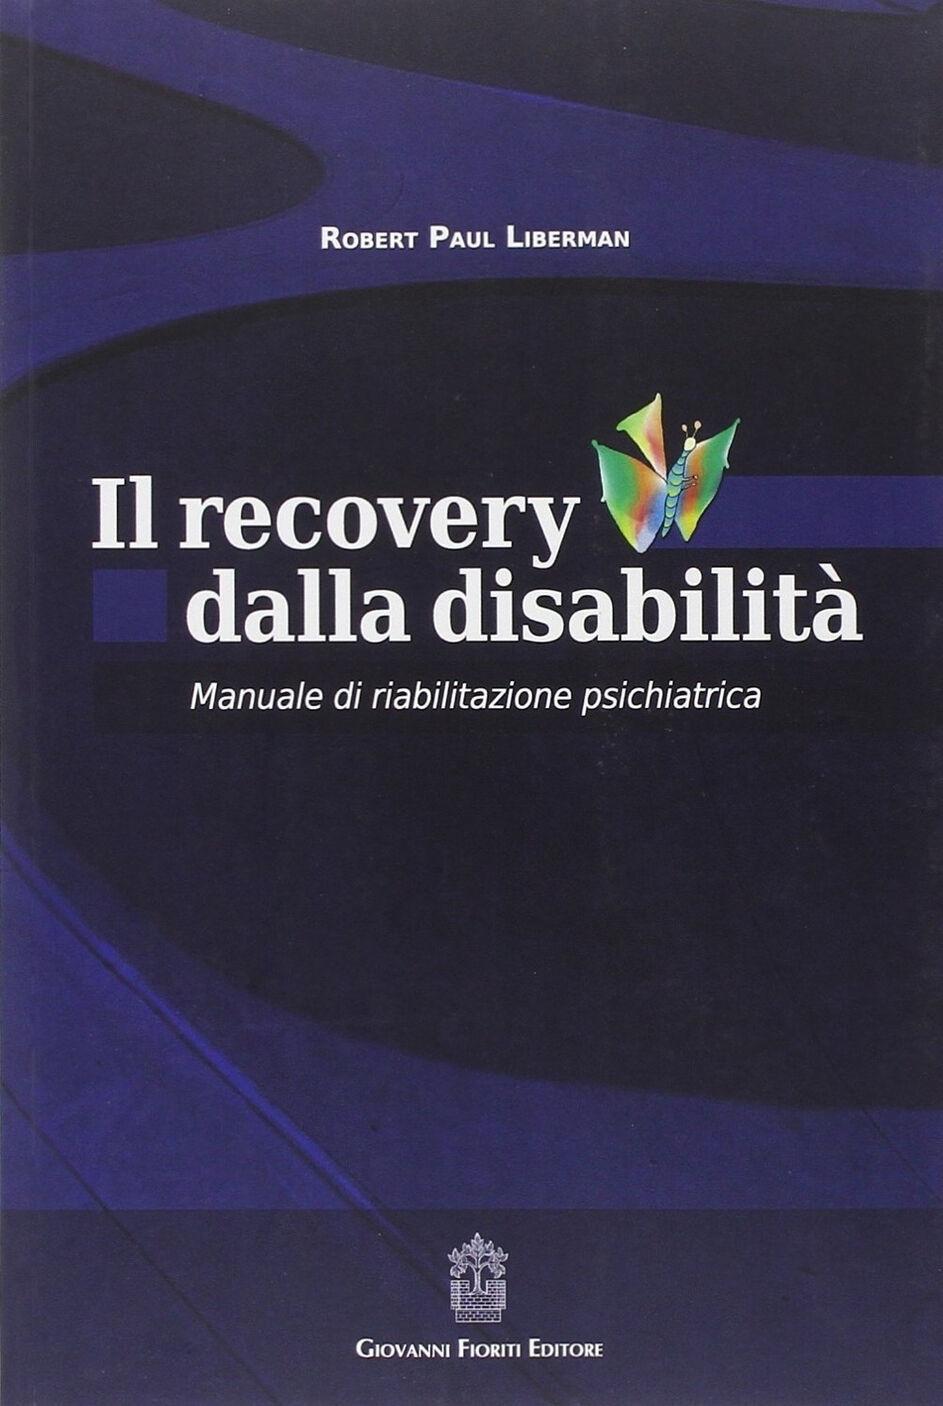 Il recovery dalla disabilità. Manuale di riabilitazione psichiatrica